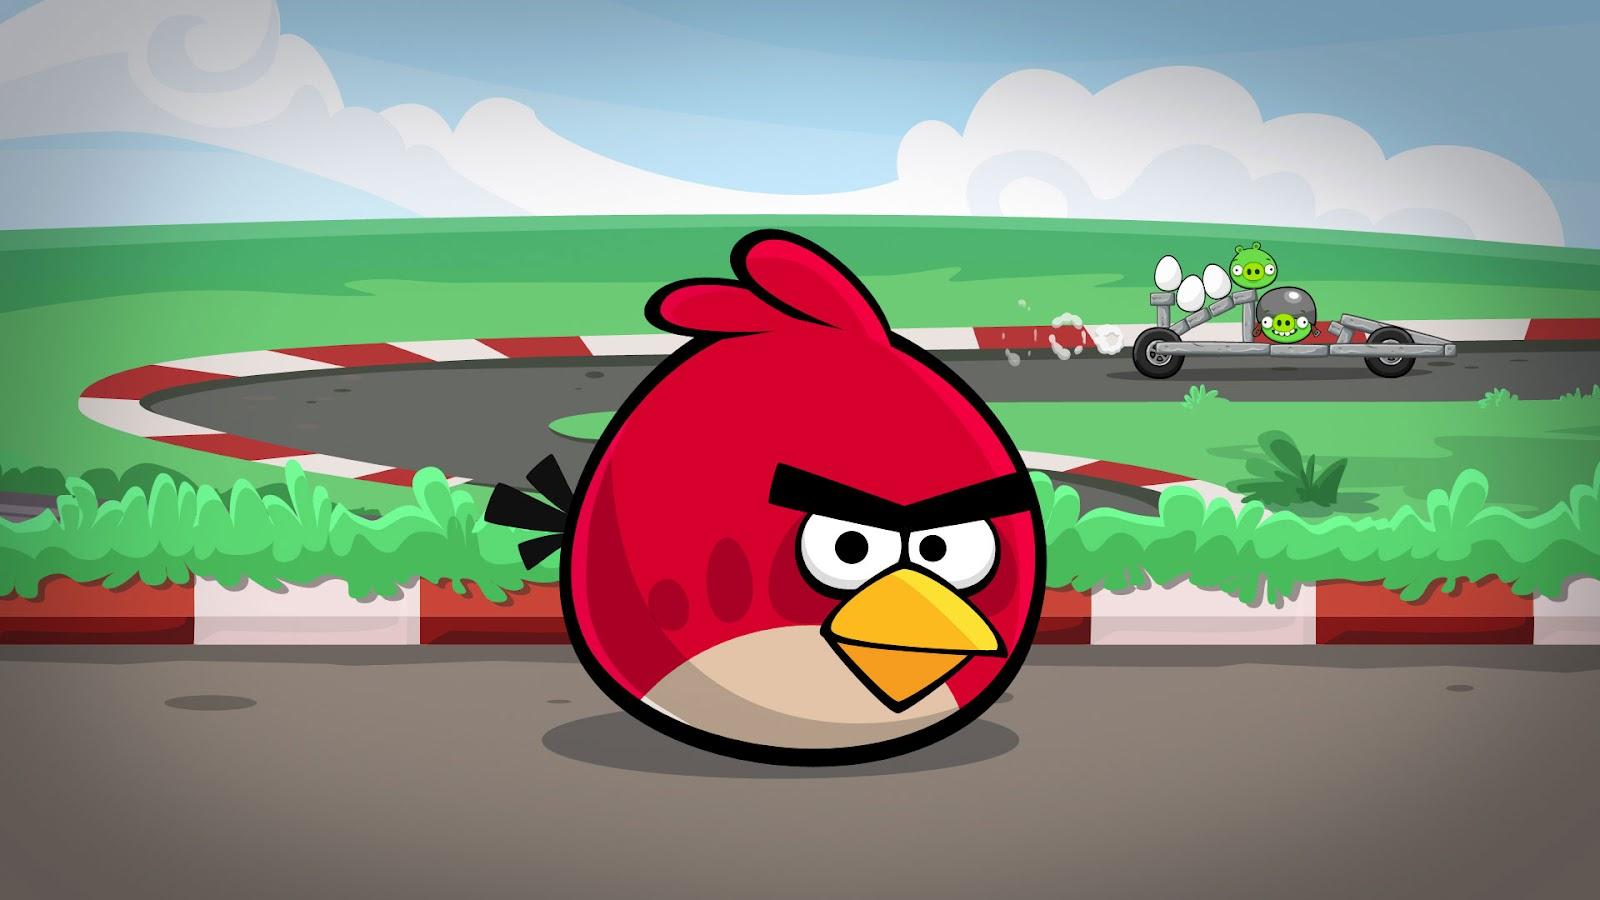 http://4.bp.blogspot.com/-j_ng5IhWOl8/UBTZvPamKGI/AAAAAAAAEBU/87Bt7-GcAgw/s1600/Angry-Birds-Heikki-Pigs-Formula-Wallpaper-GamersWallpapers.jpg